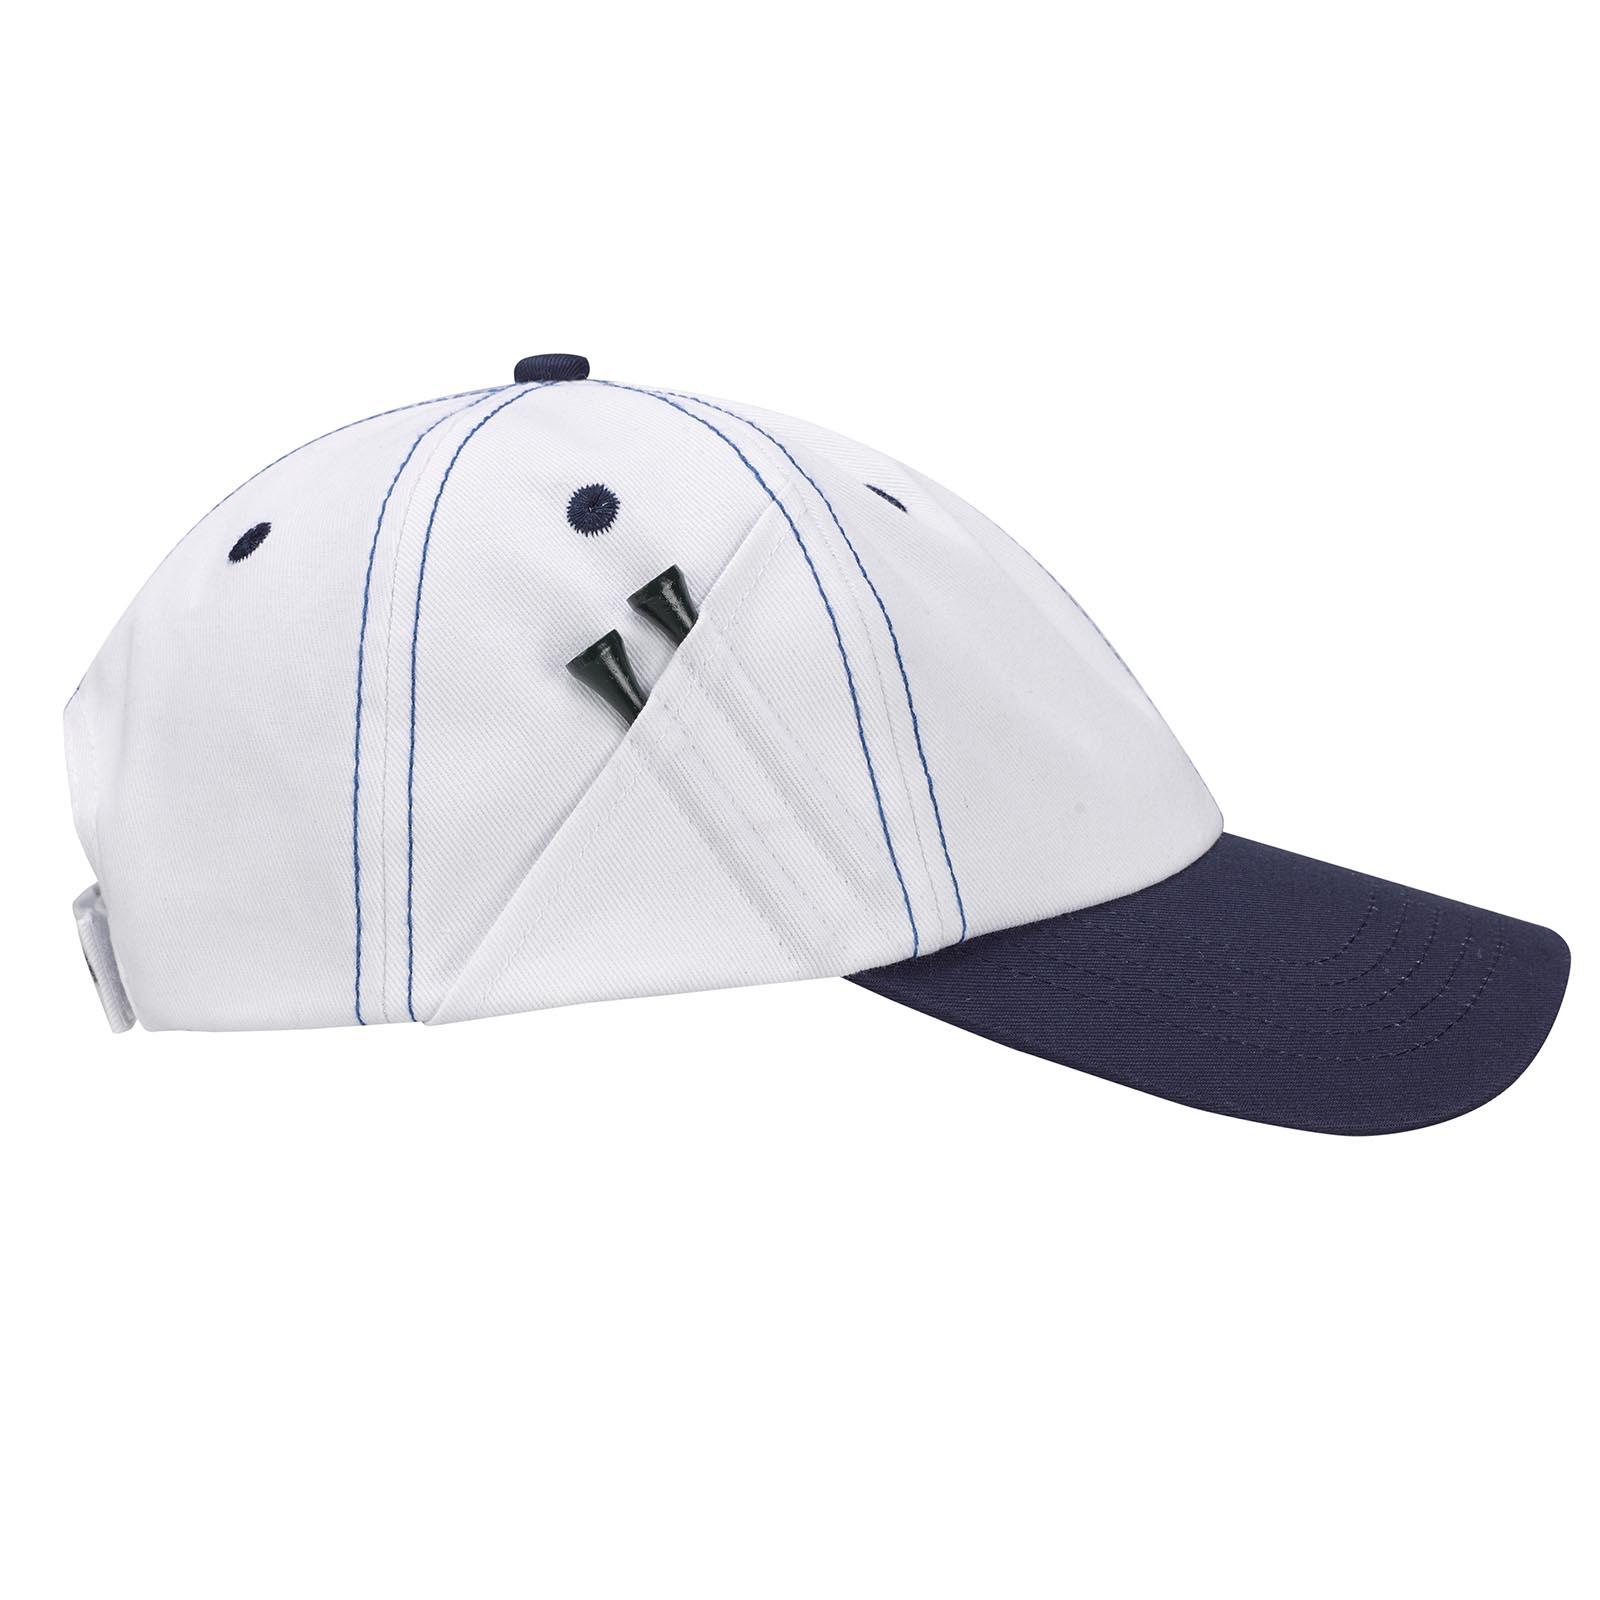 Premium Baumwoll Herren Golfcap mit Tee Holder und Golfino Tees